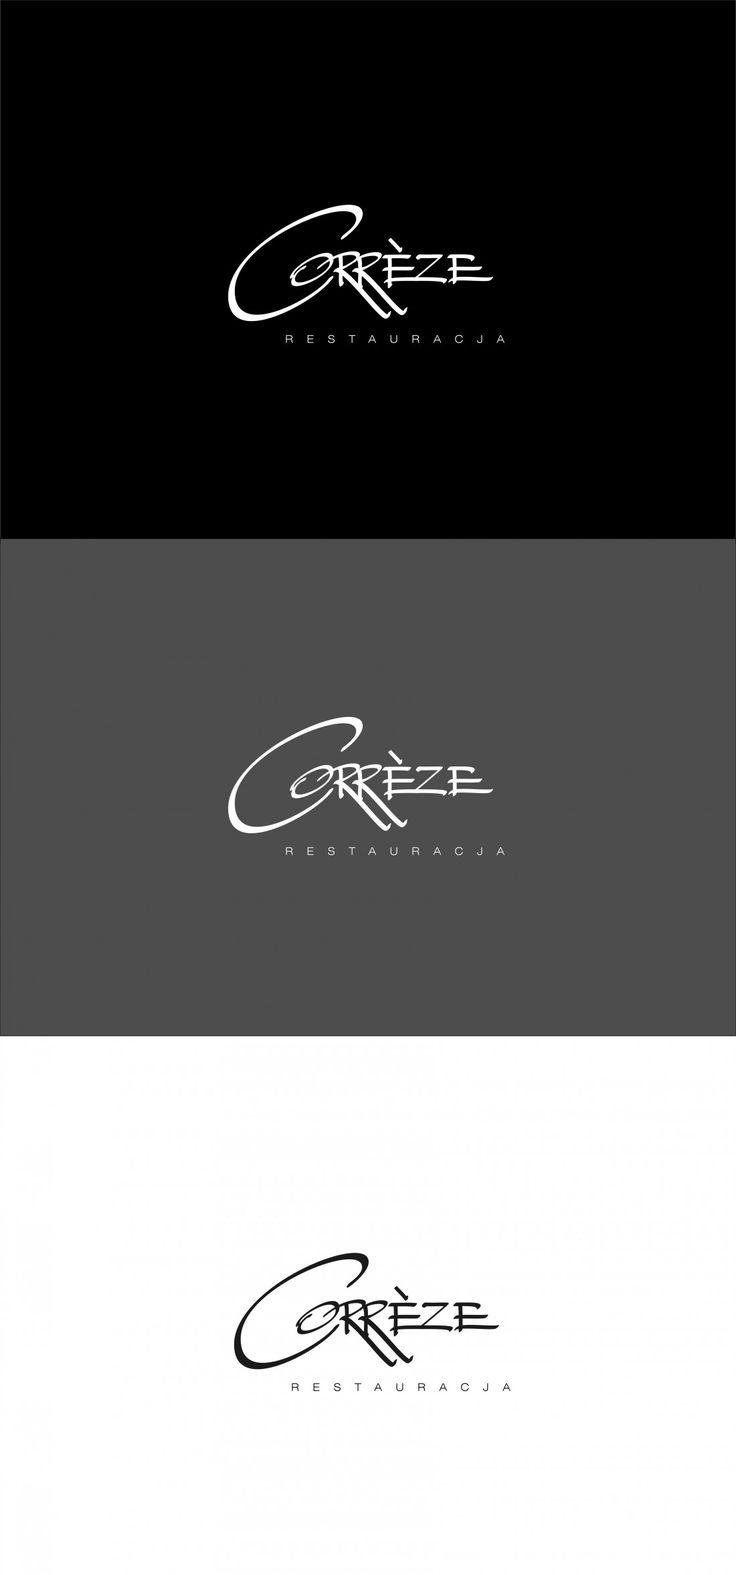 Praca nr 333735 w konkursie Logo dla restauracji Corrèze | Corton.pl